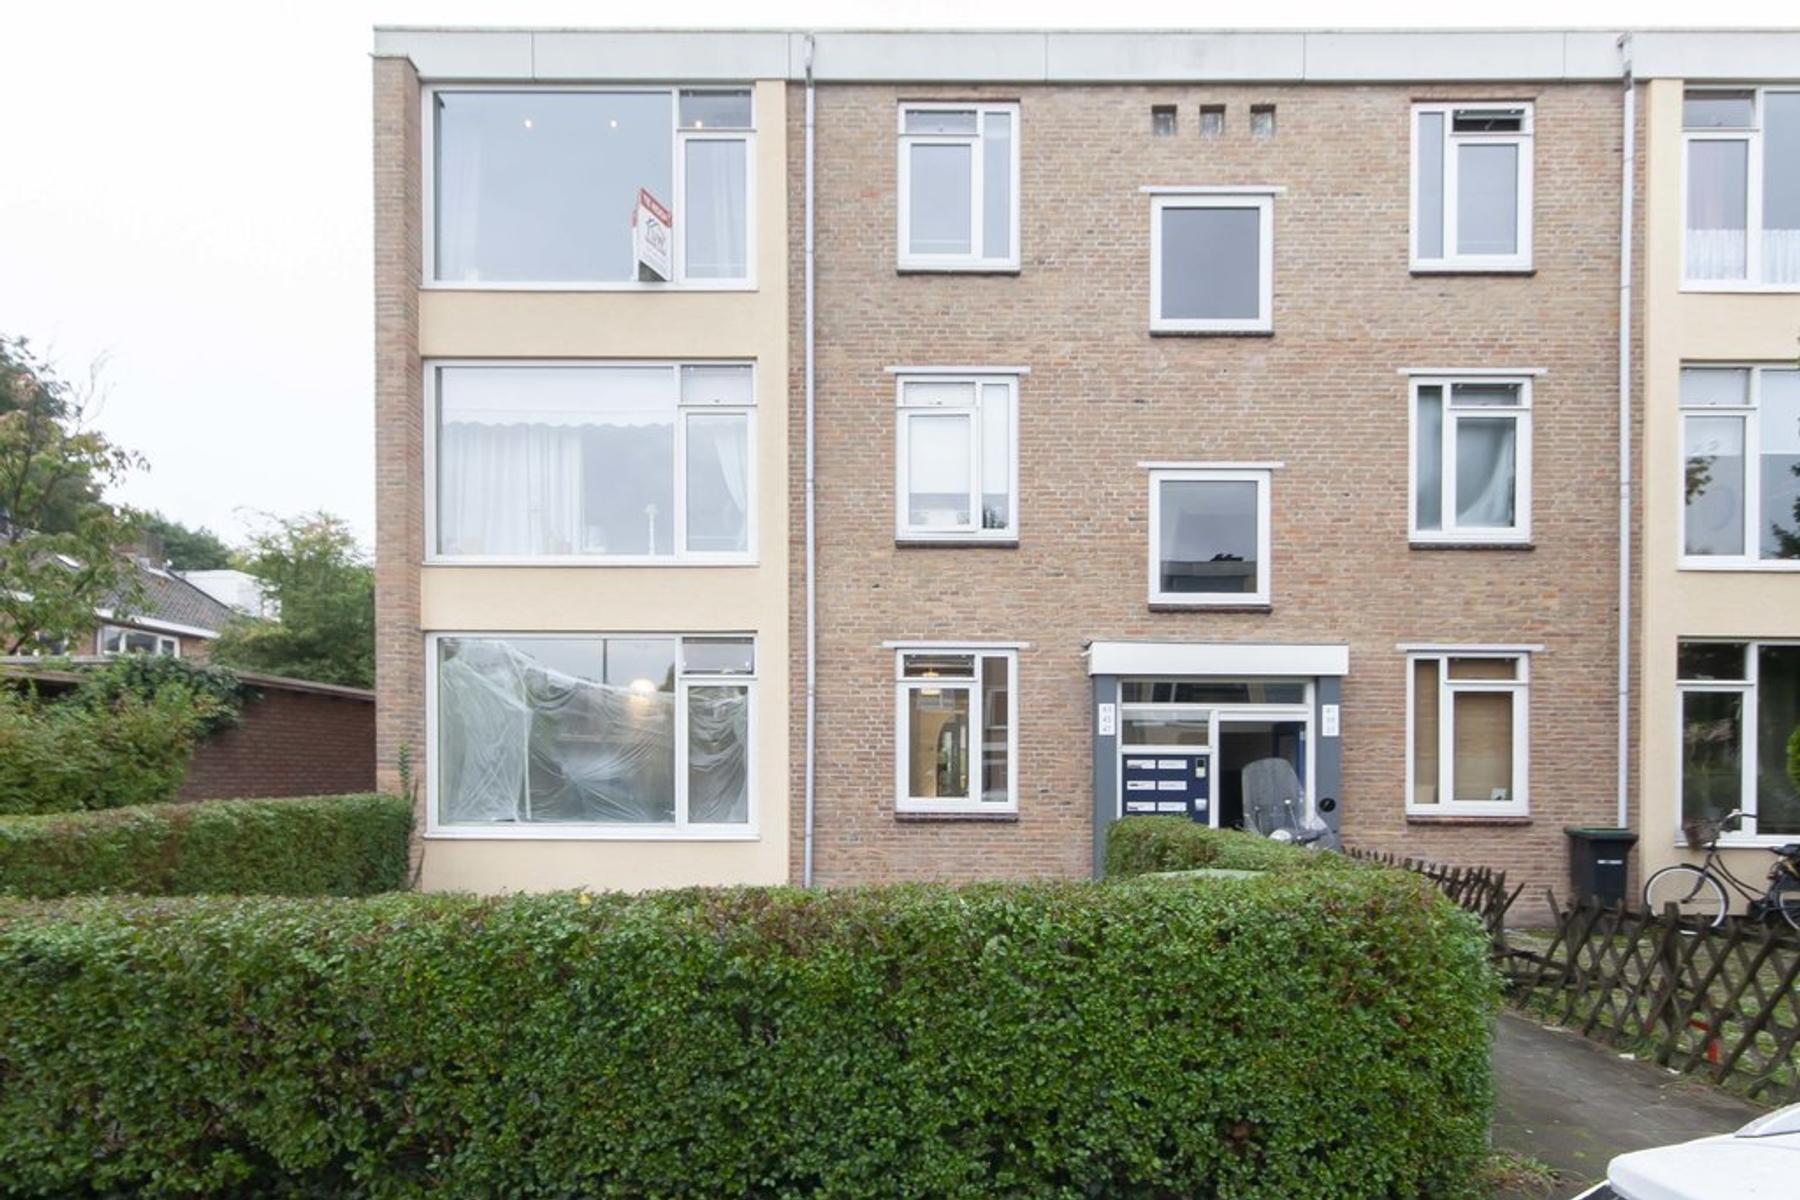 Willem De Rijkestraat 43 in Dordrecht 3314 NV